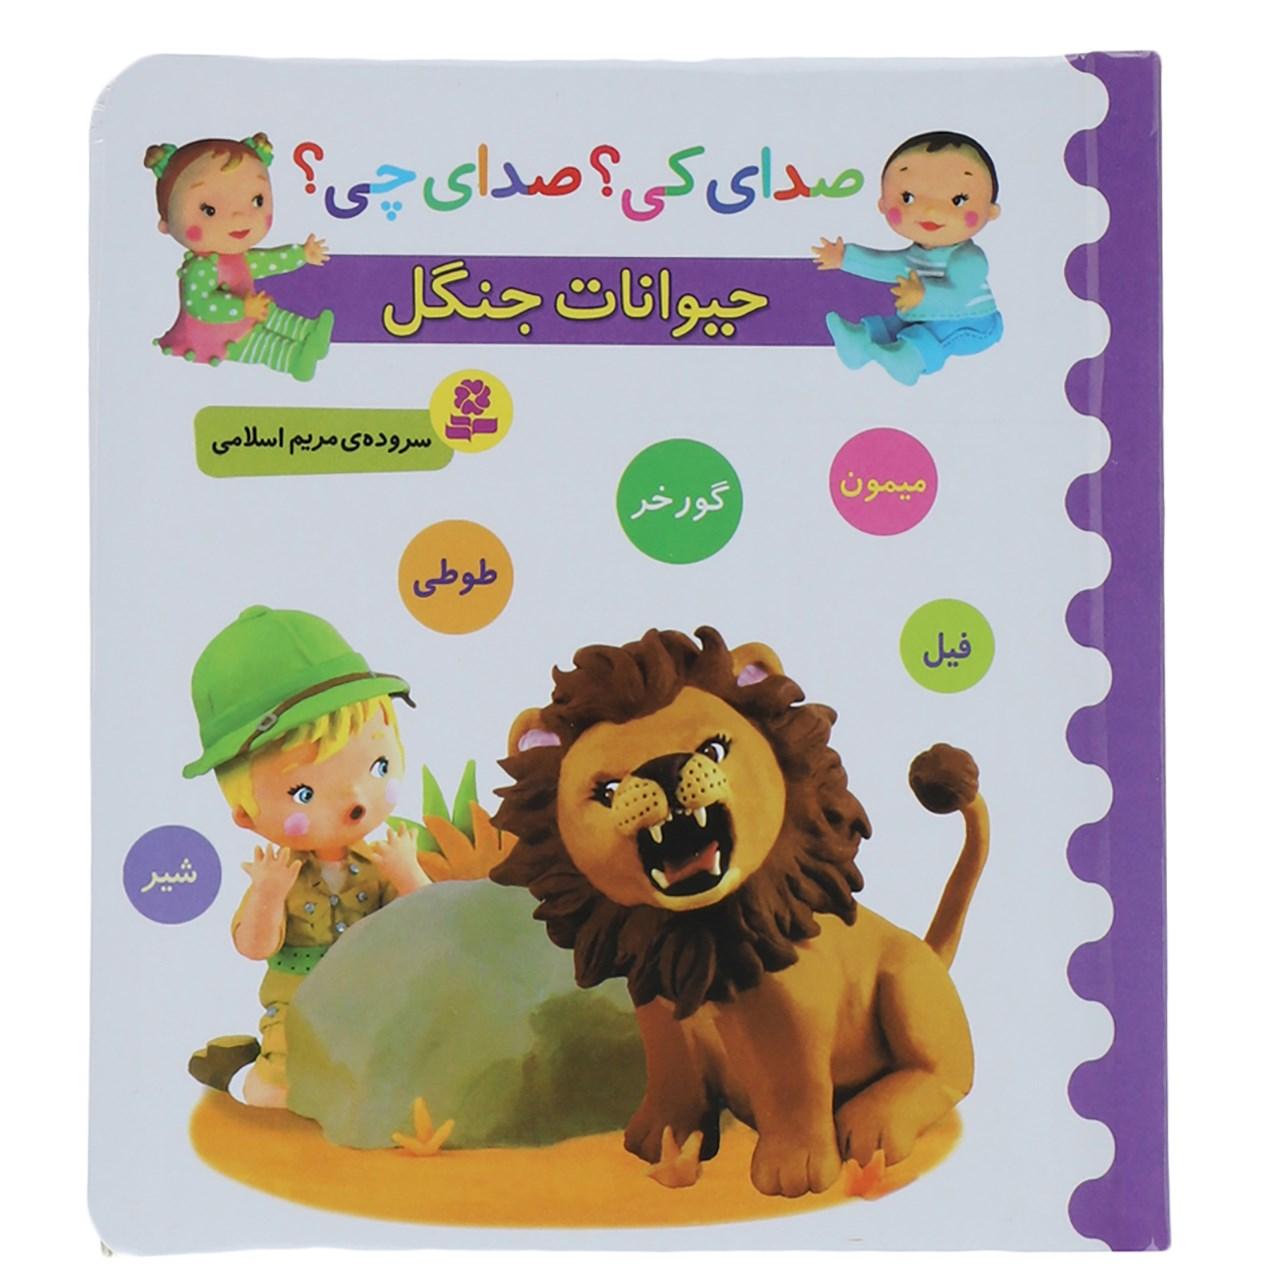 خرید                      کتاب صدای کی؟صدای چی؟ حیوانات جنگل شیر میمون اثر مریم اسلامی